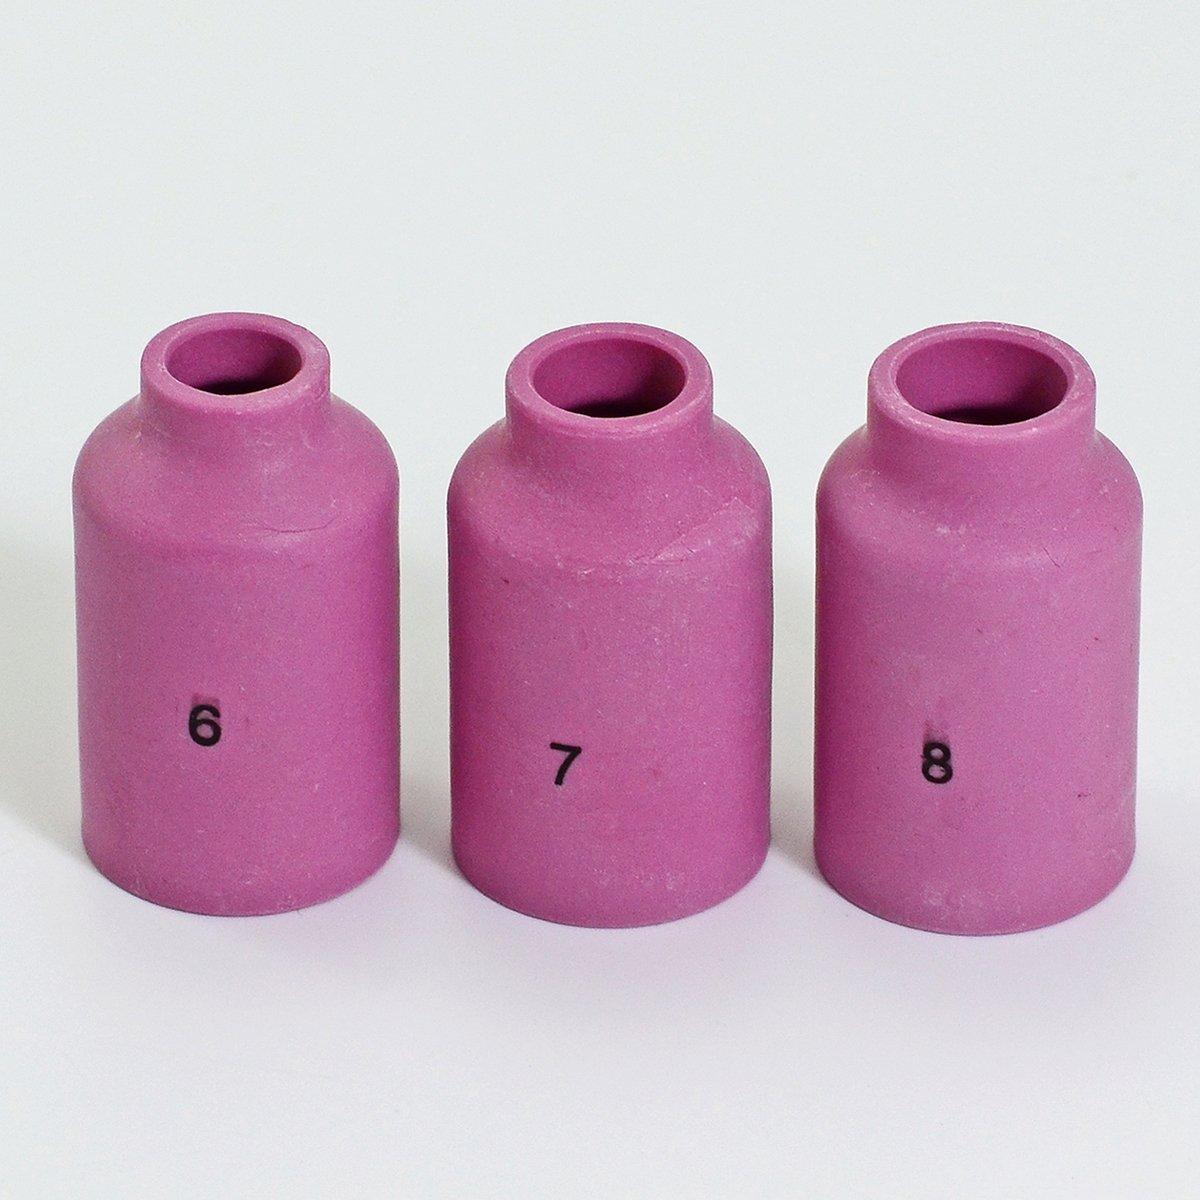 TIG Gaz Lens Collets Alumine Cup Kit Fit QQ300 PTA DB SR WP 17 18 26 Torche de Soudage Tig 9pcs